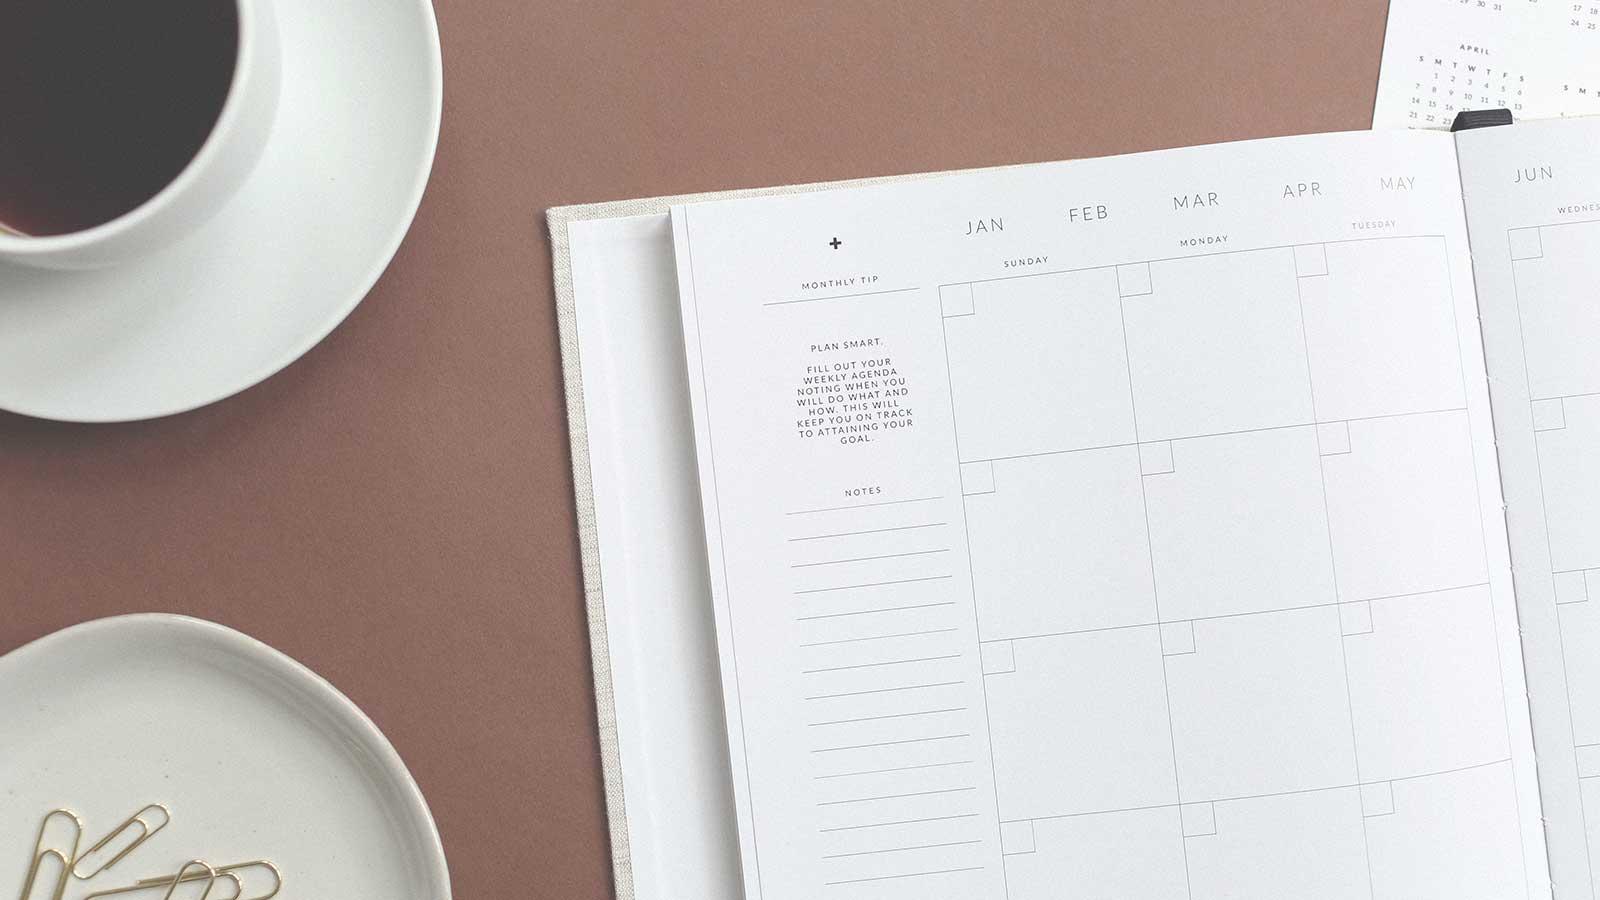 calendario-de-webinars-de-delio-mayo-de-2015